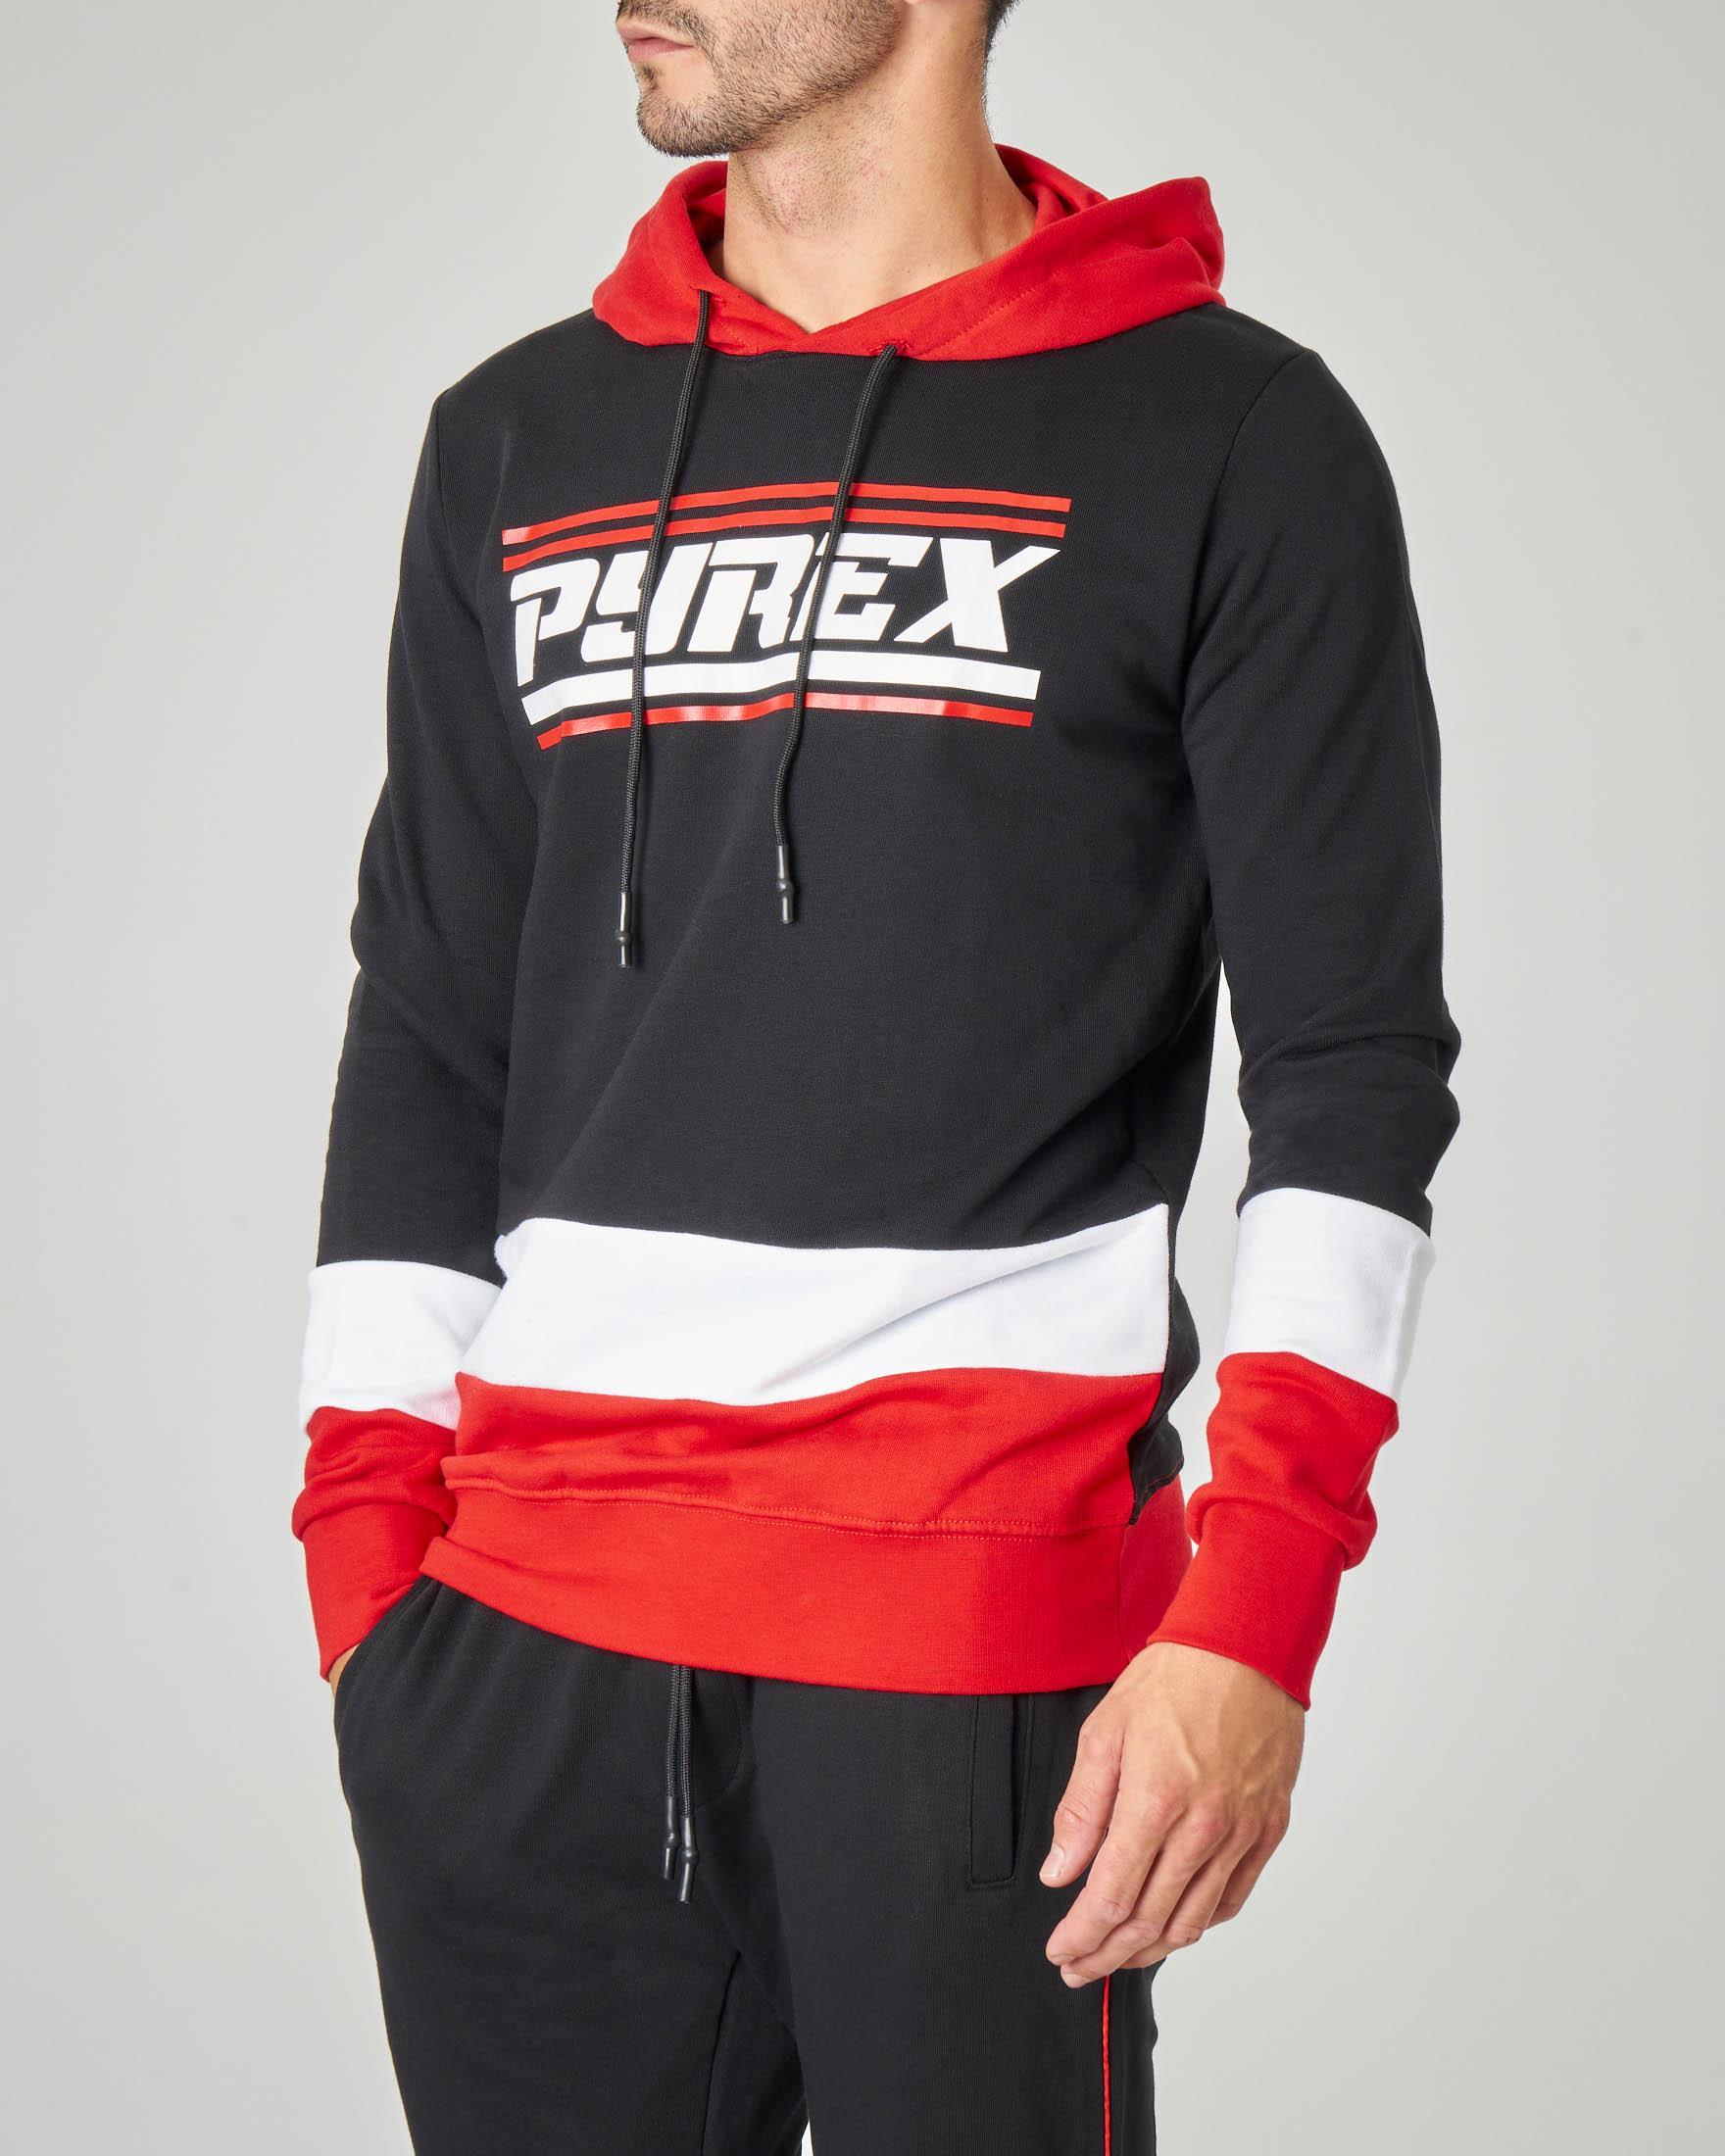 Felpa nera con cappuccio rosso e grafica logo racing